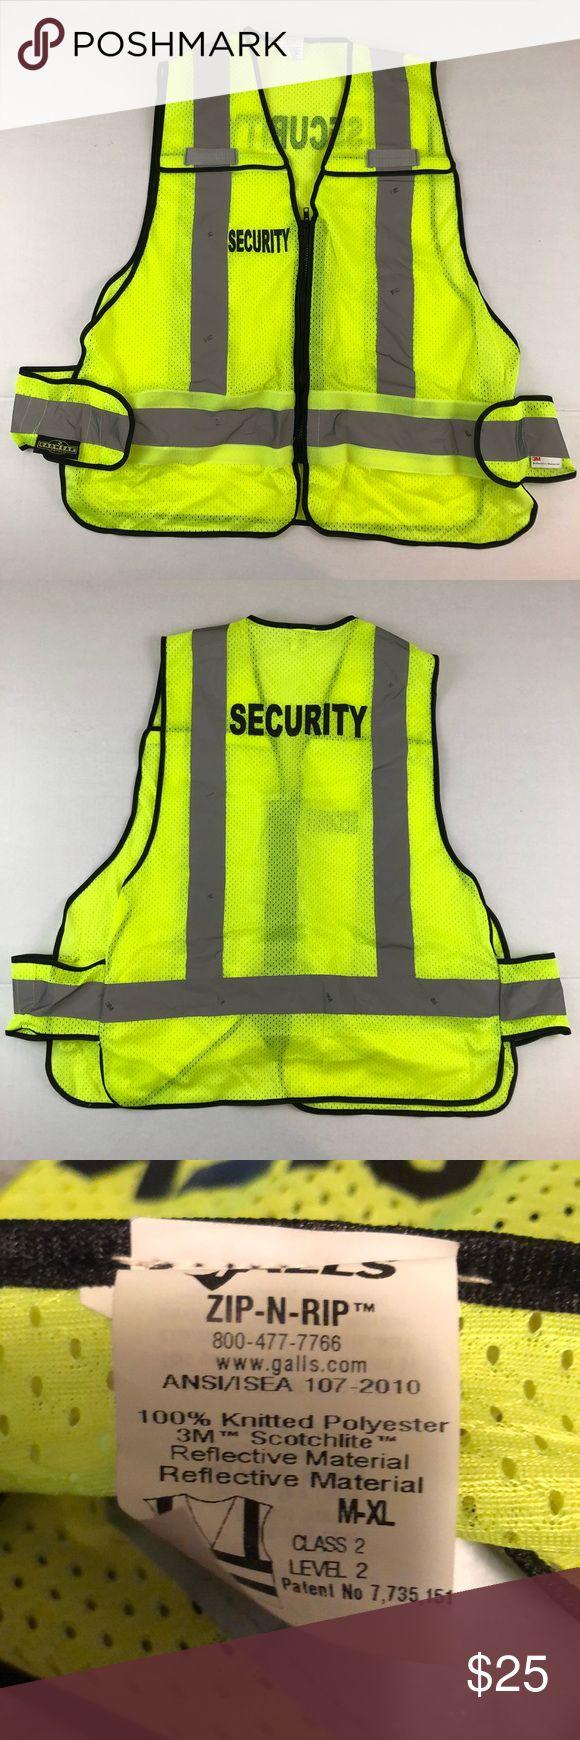 Security Mesh Vest Size medium XL. Adjustable side